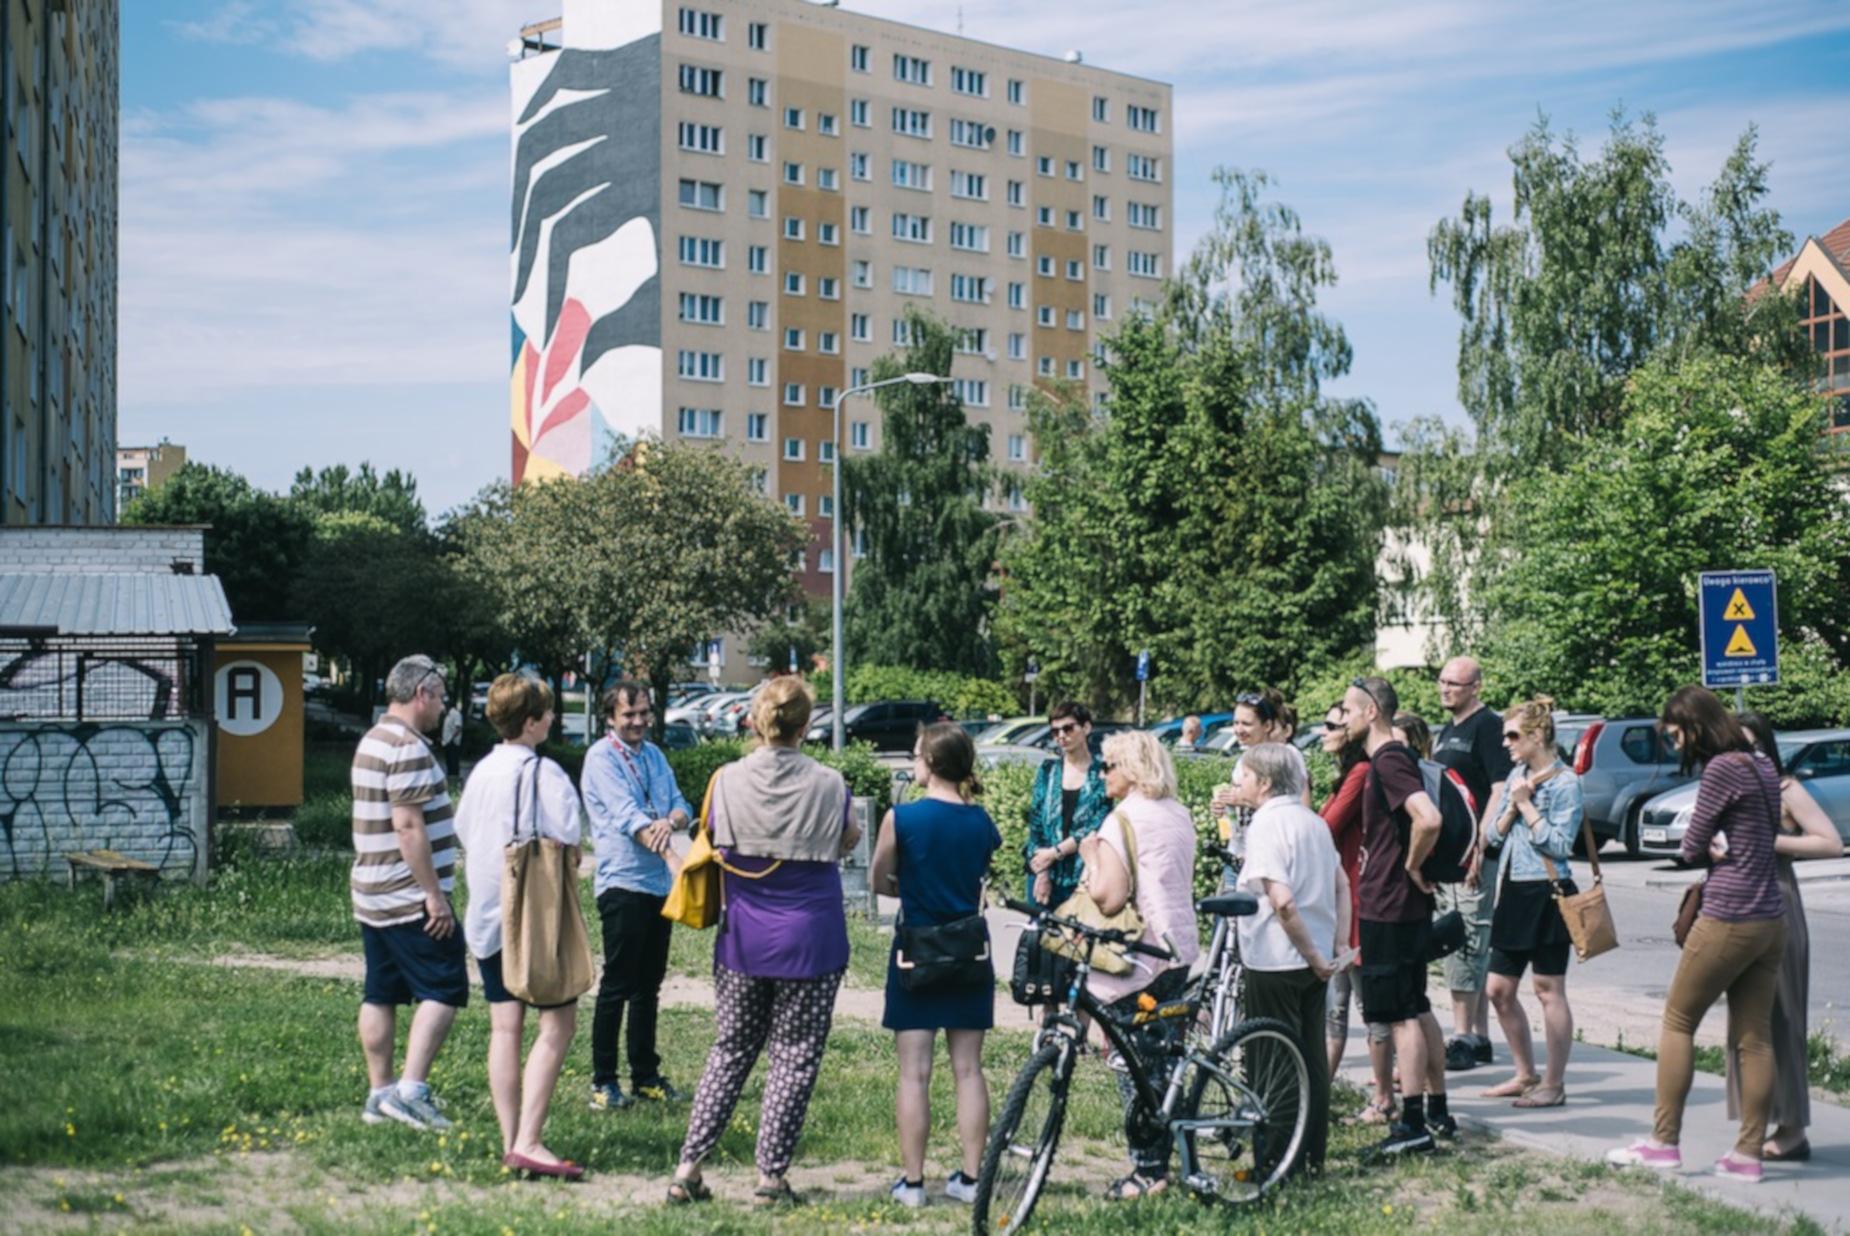 Spędzasz lato w mieście? Odkryj tajemnice gdańskich dzielnic i poznaj ich historię z lokalnymi przewodnikami